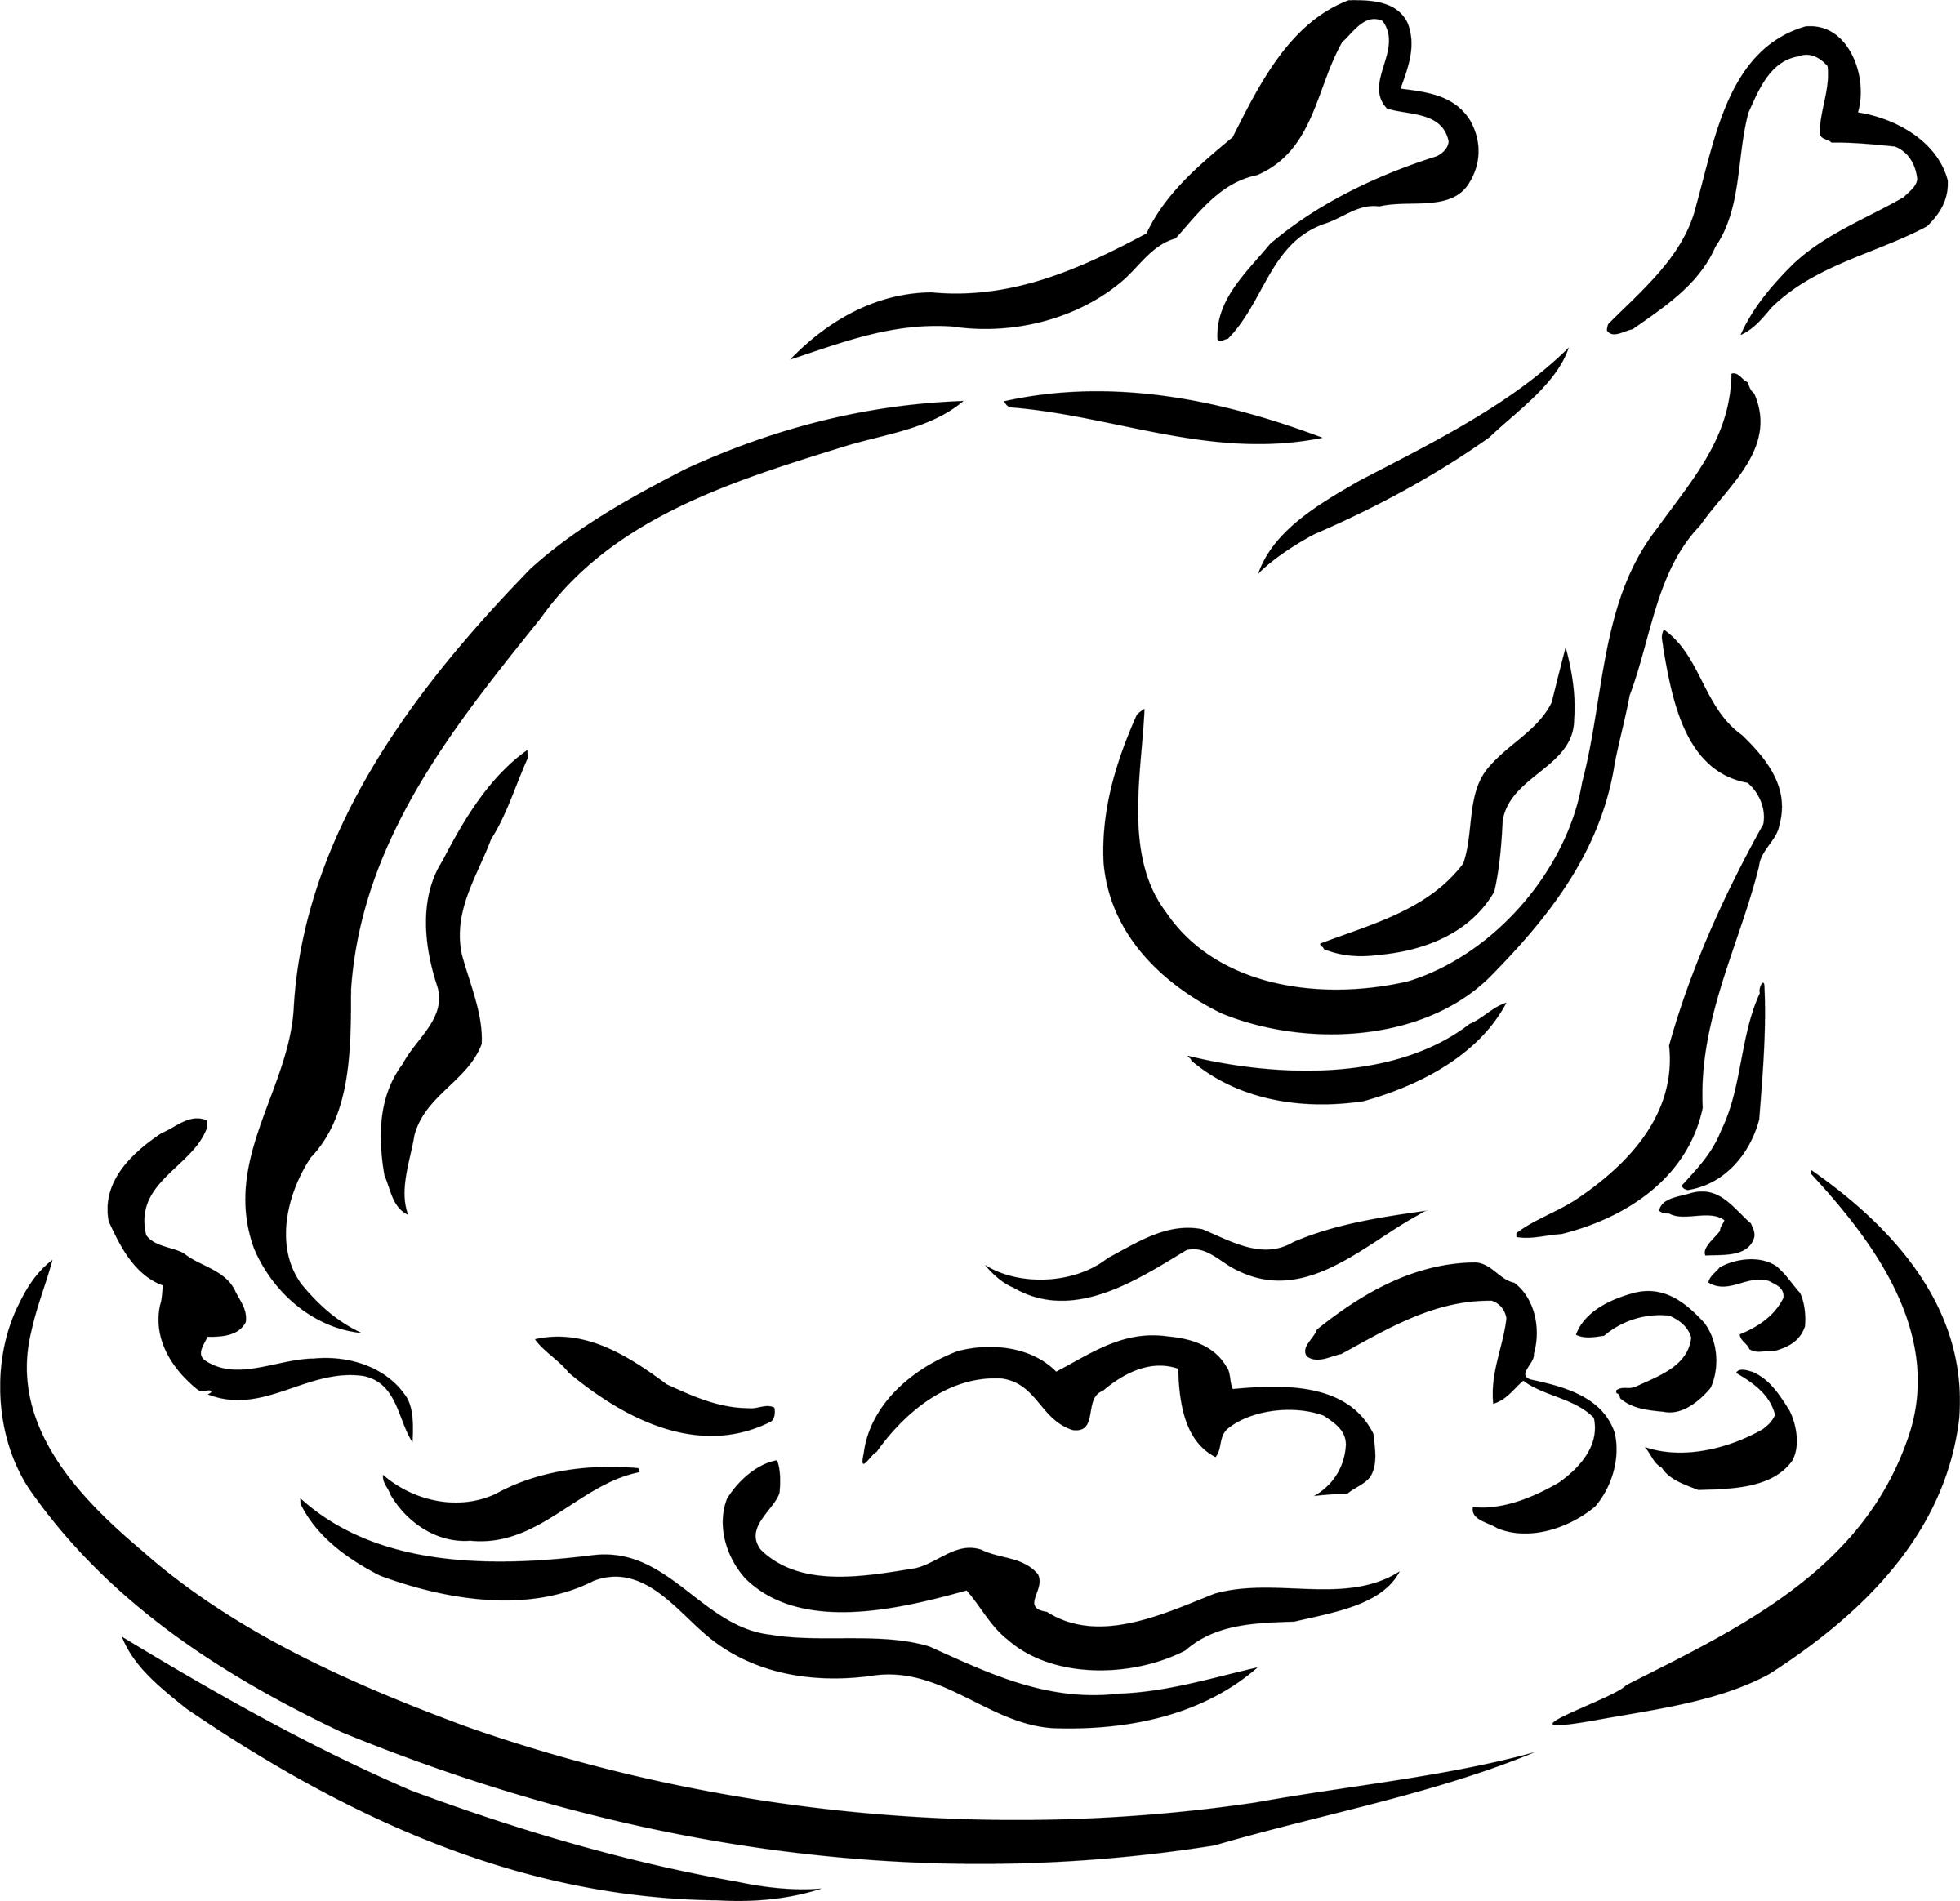 Steak clipart chicken dinner To Download Turkey clipart Clipart